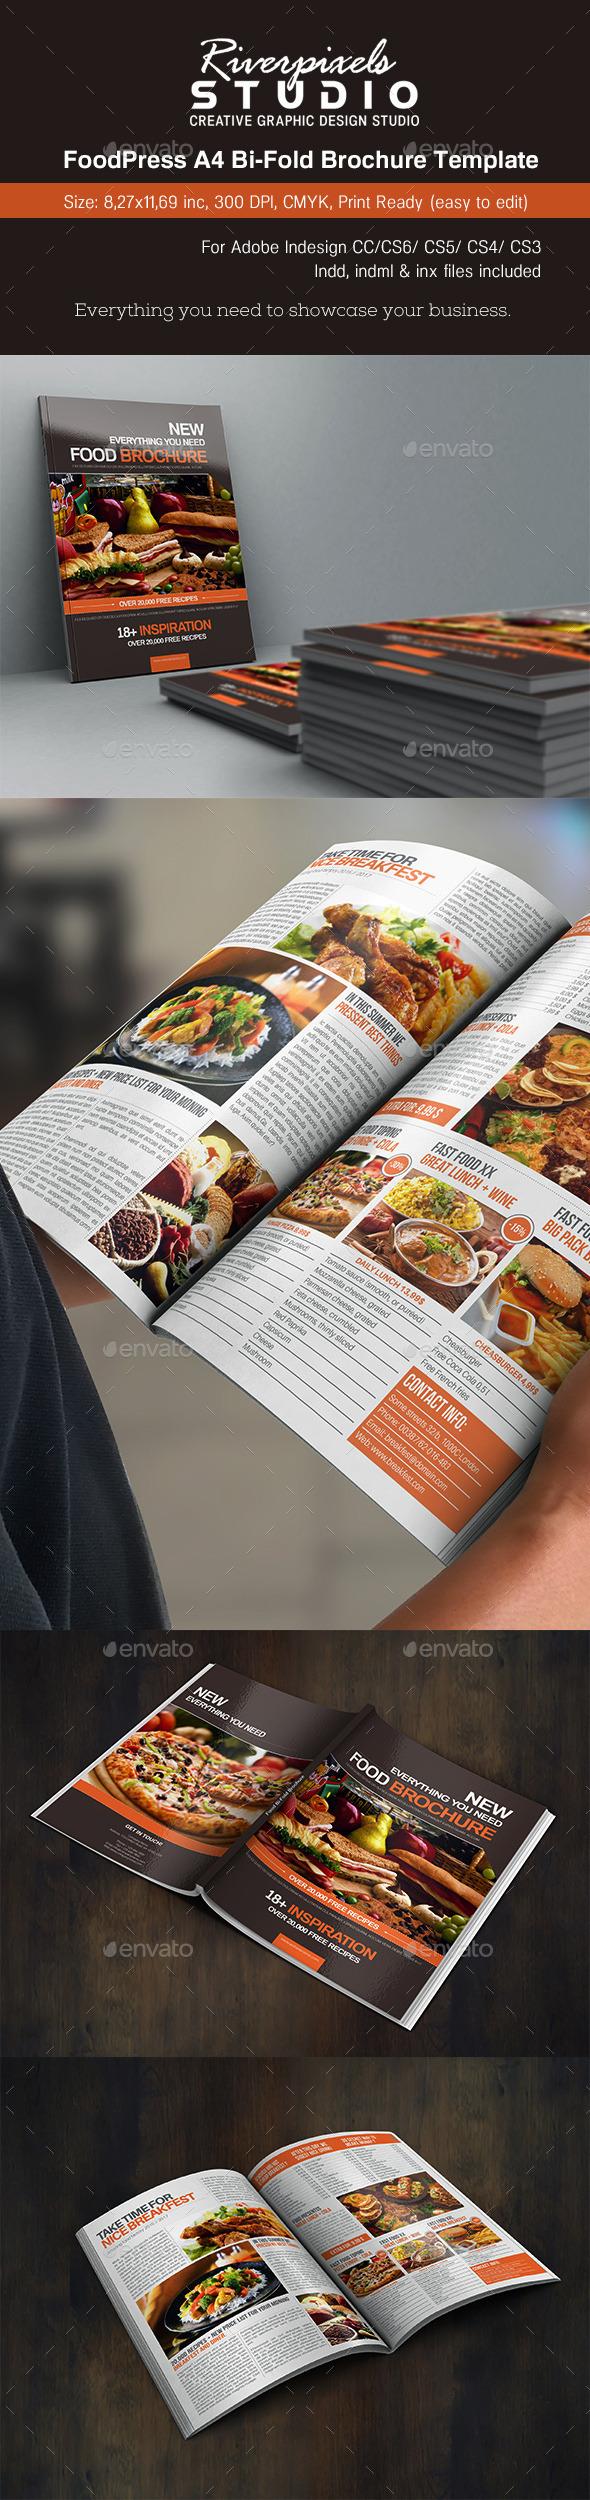 FoodPress BiFold Brochure Template - Informational Brochures